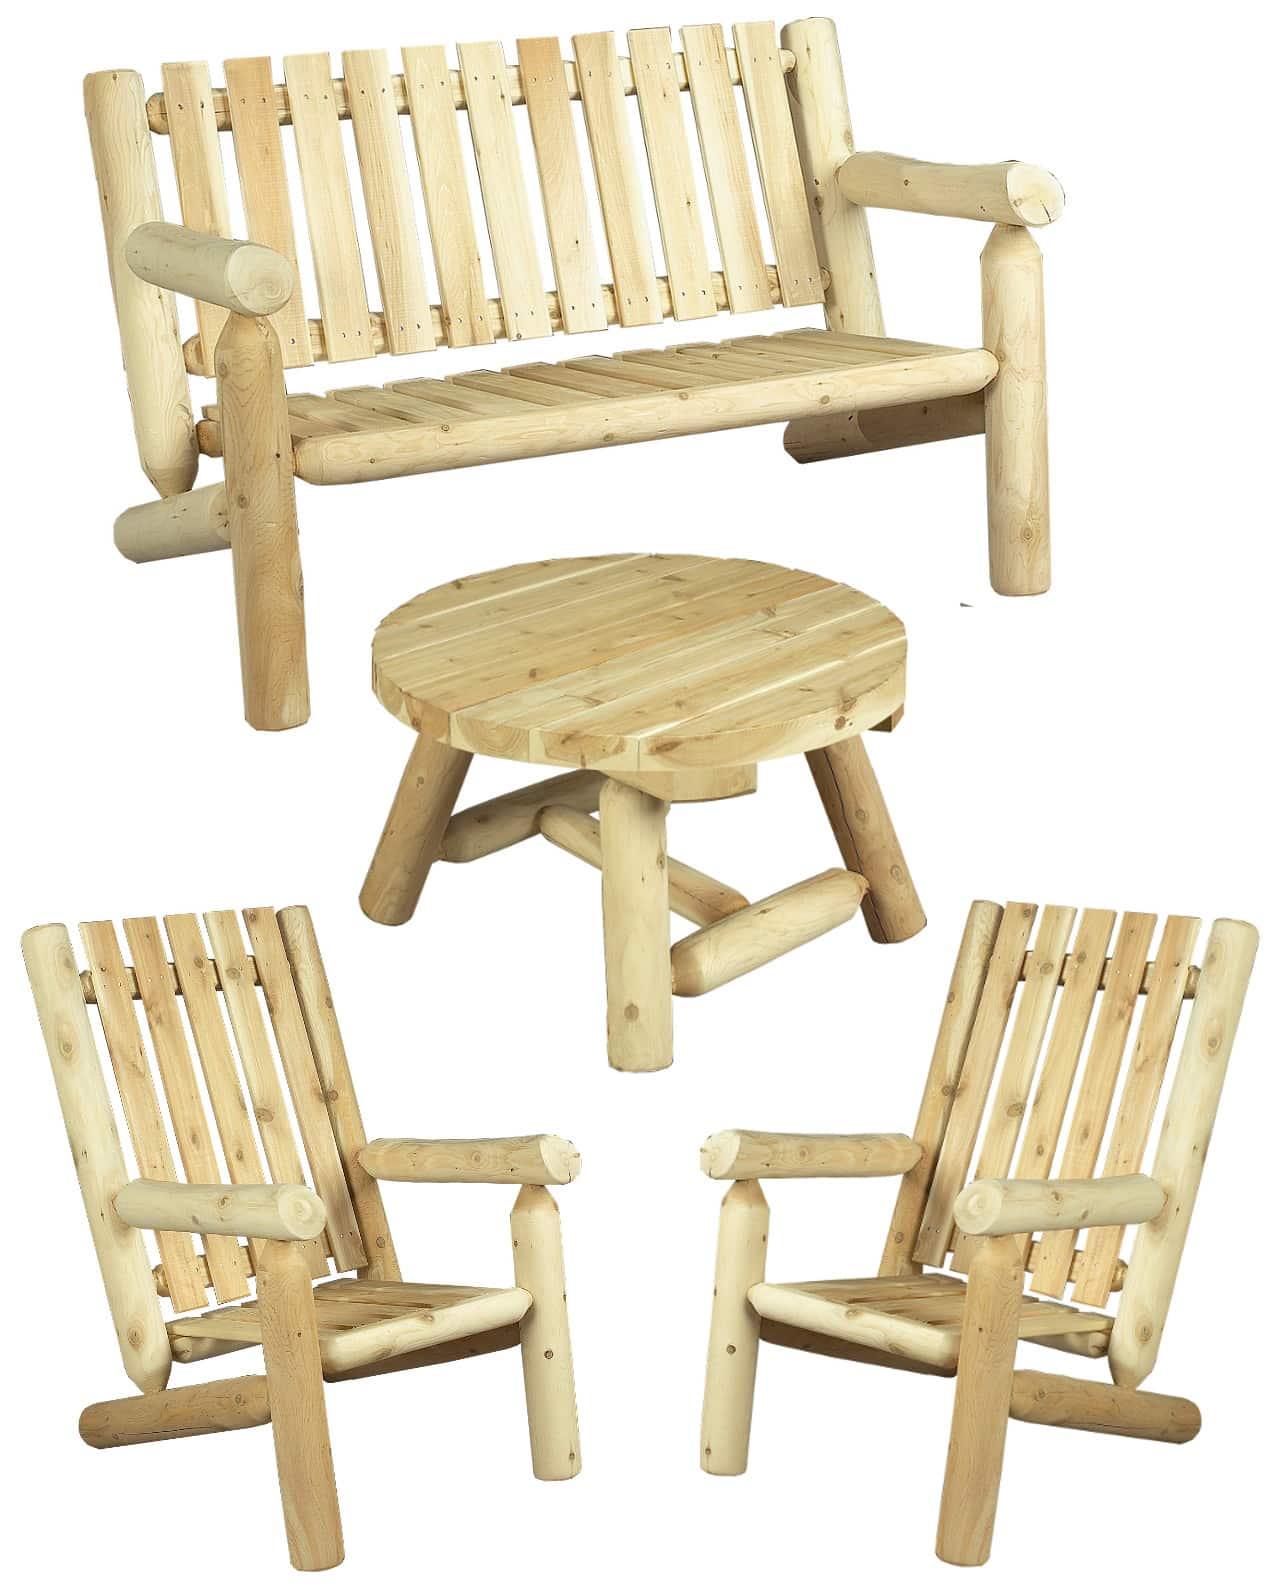 mobilier de salon en bois - fauteuil et canapé - S1H